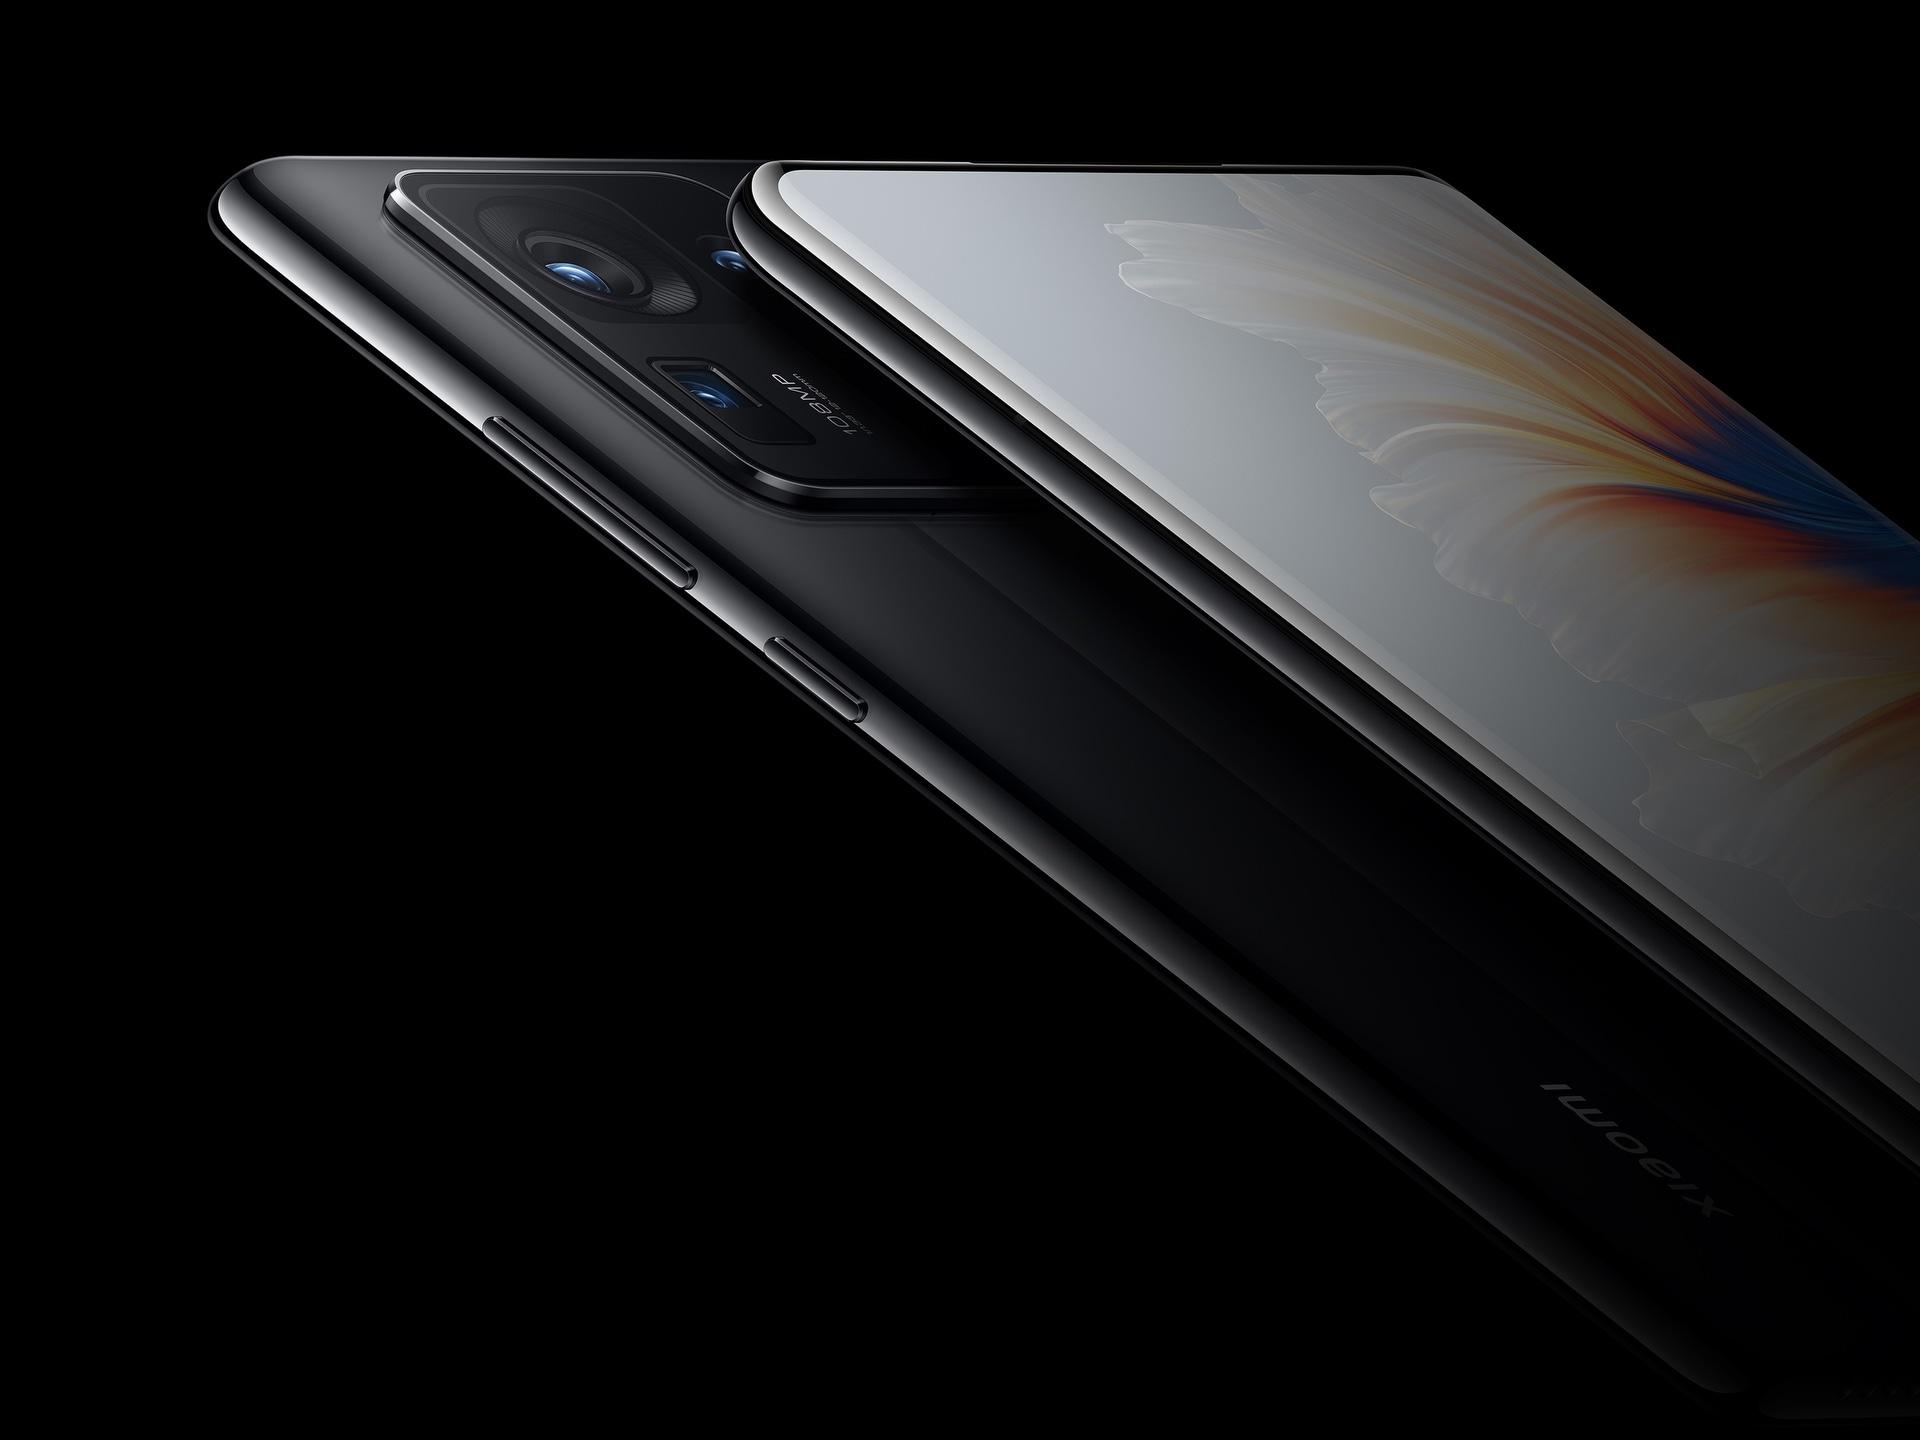 Un assaggio di Xiaomi Mi MIX 4: ecco gli sfondi ufficiali (foto e download)